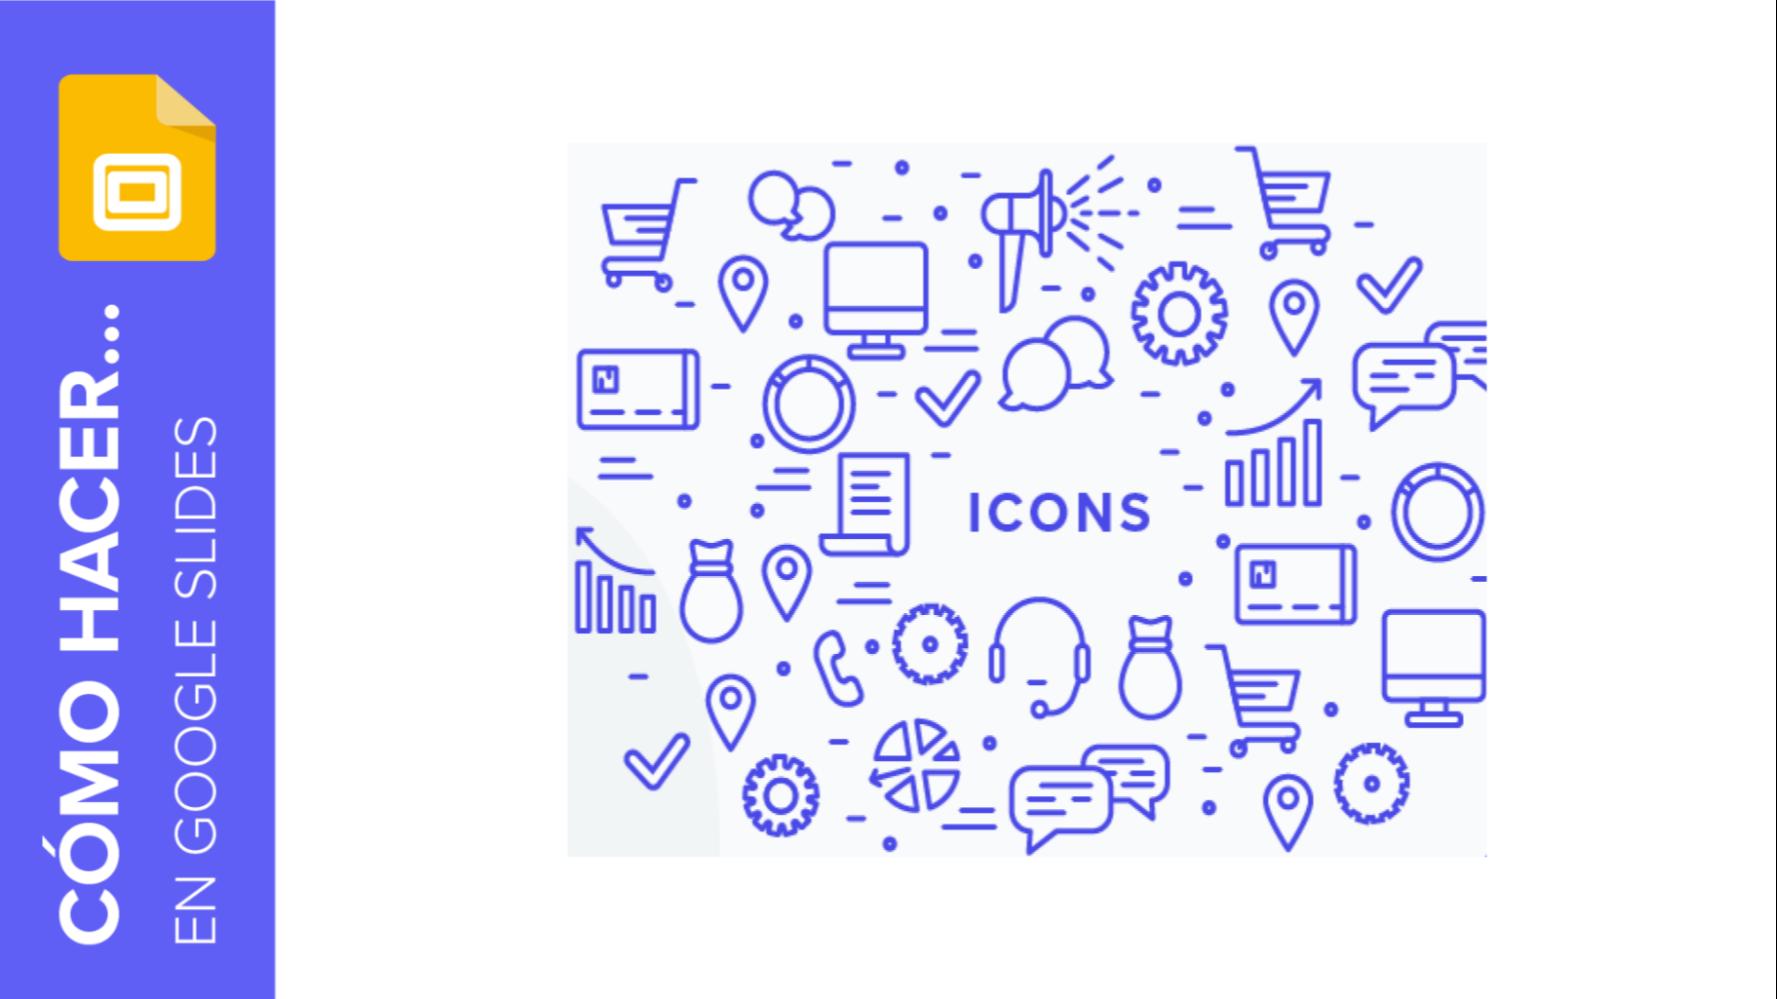 Cómo añadir y modificar iconos en Google Slides | Tutoriales y Tips para tus presentaciones